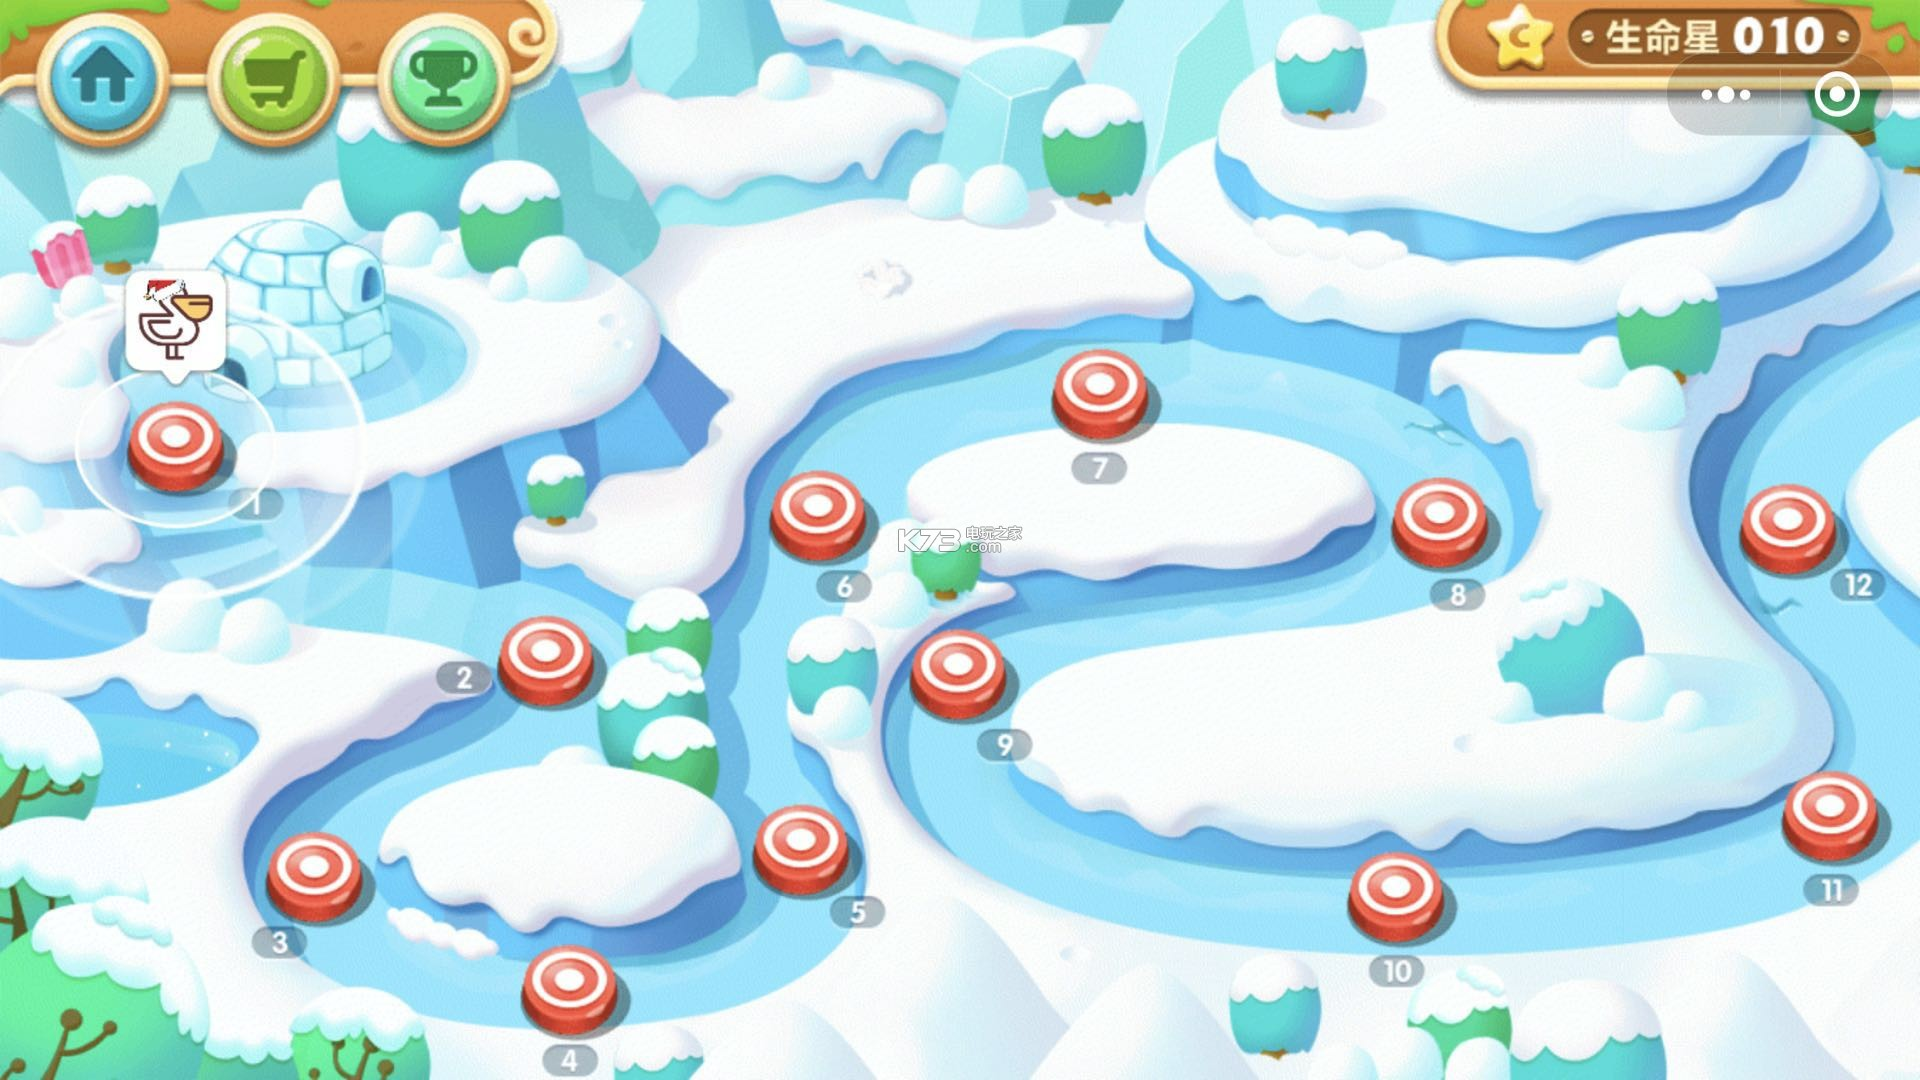 游戏画面清新可爱,可以升级各种不同的萝卜,丰富的关卡也让游戏的耐玩